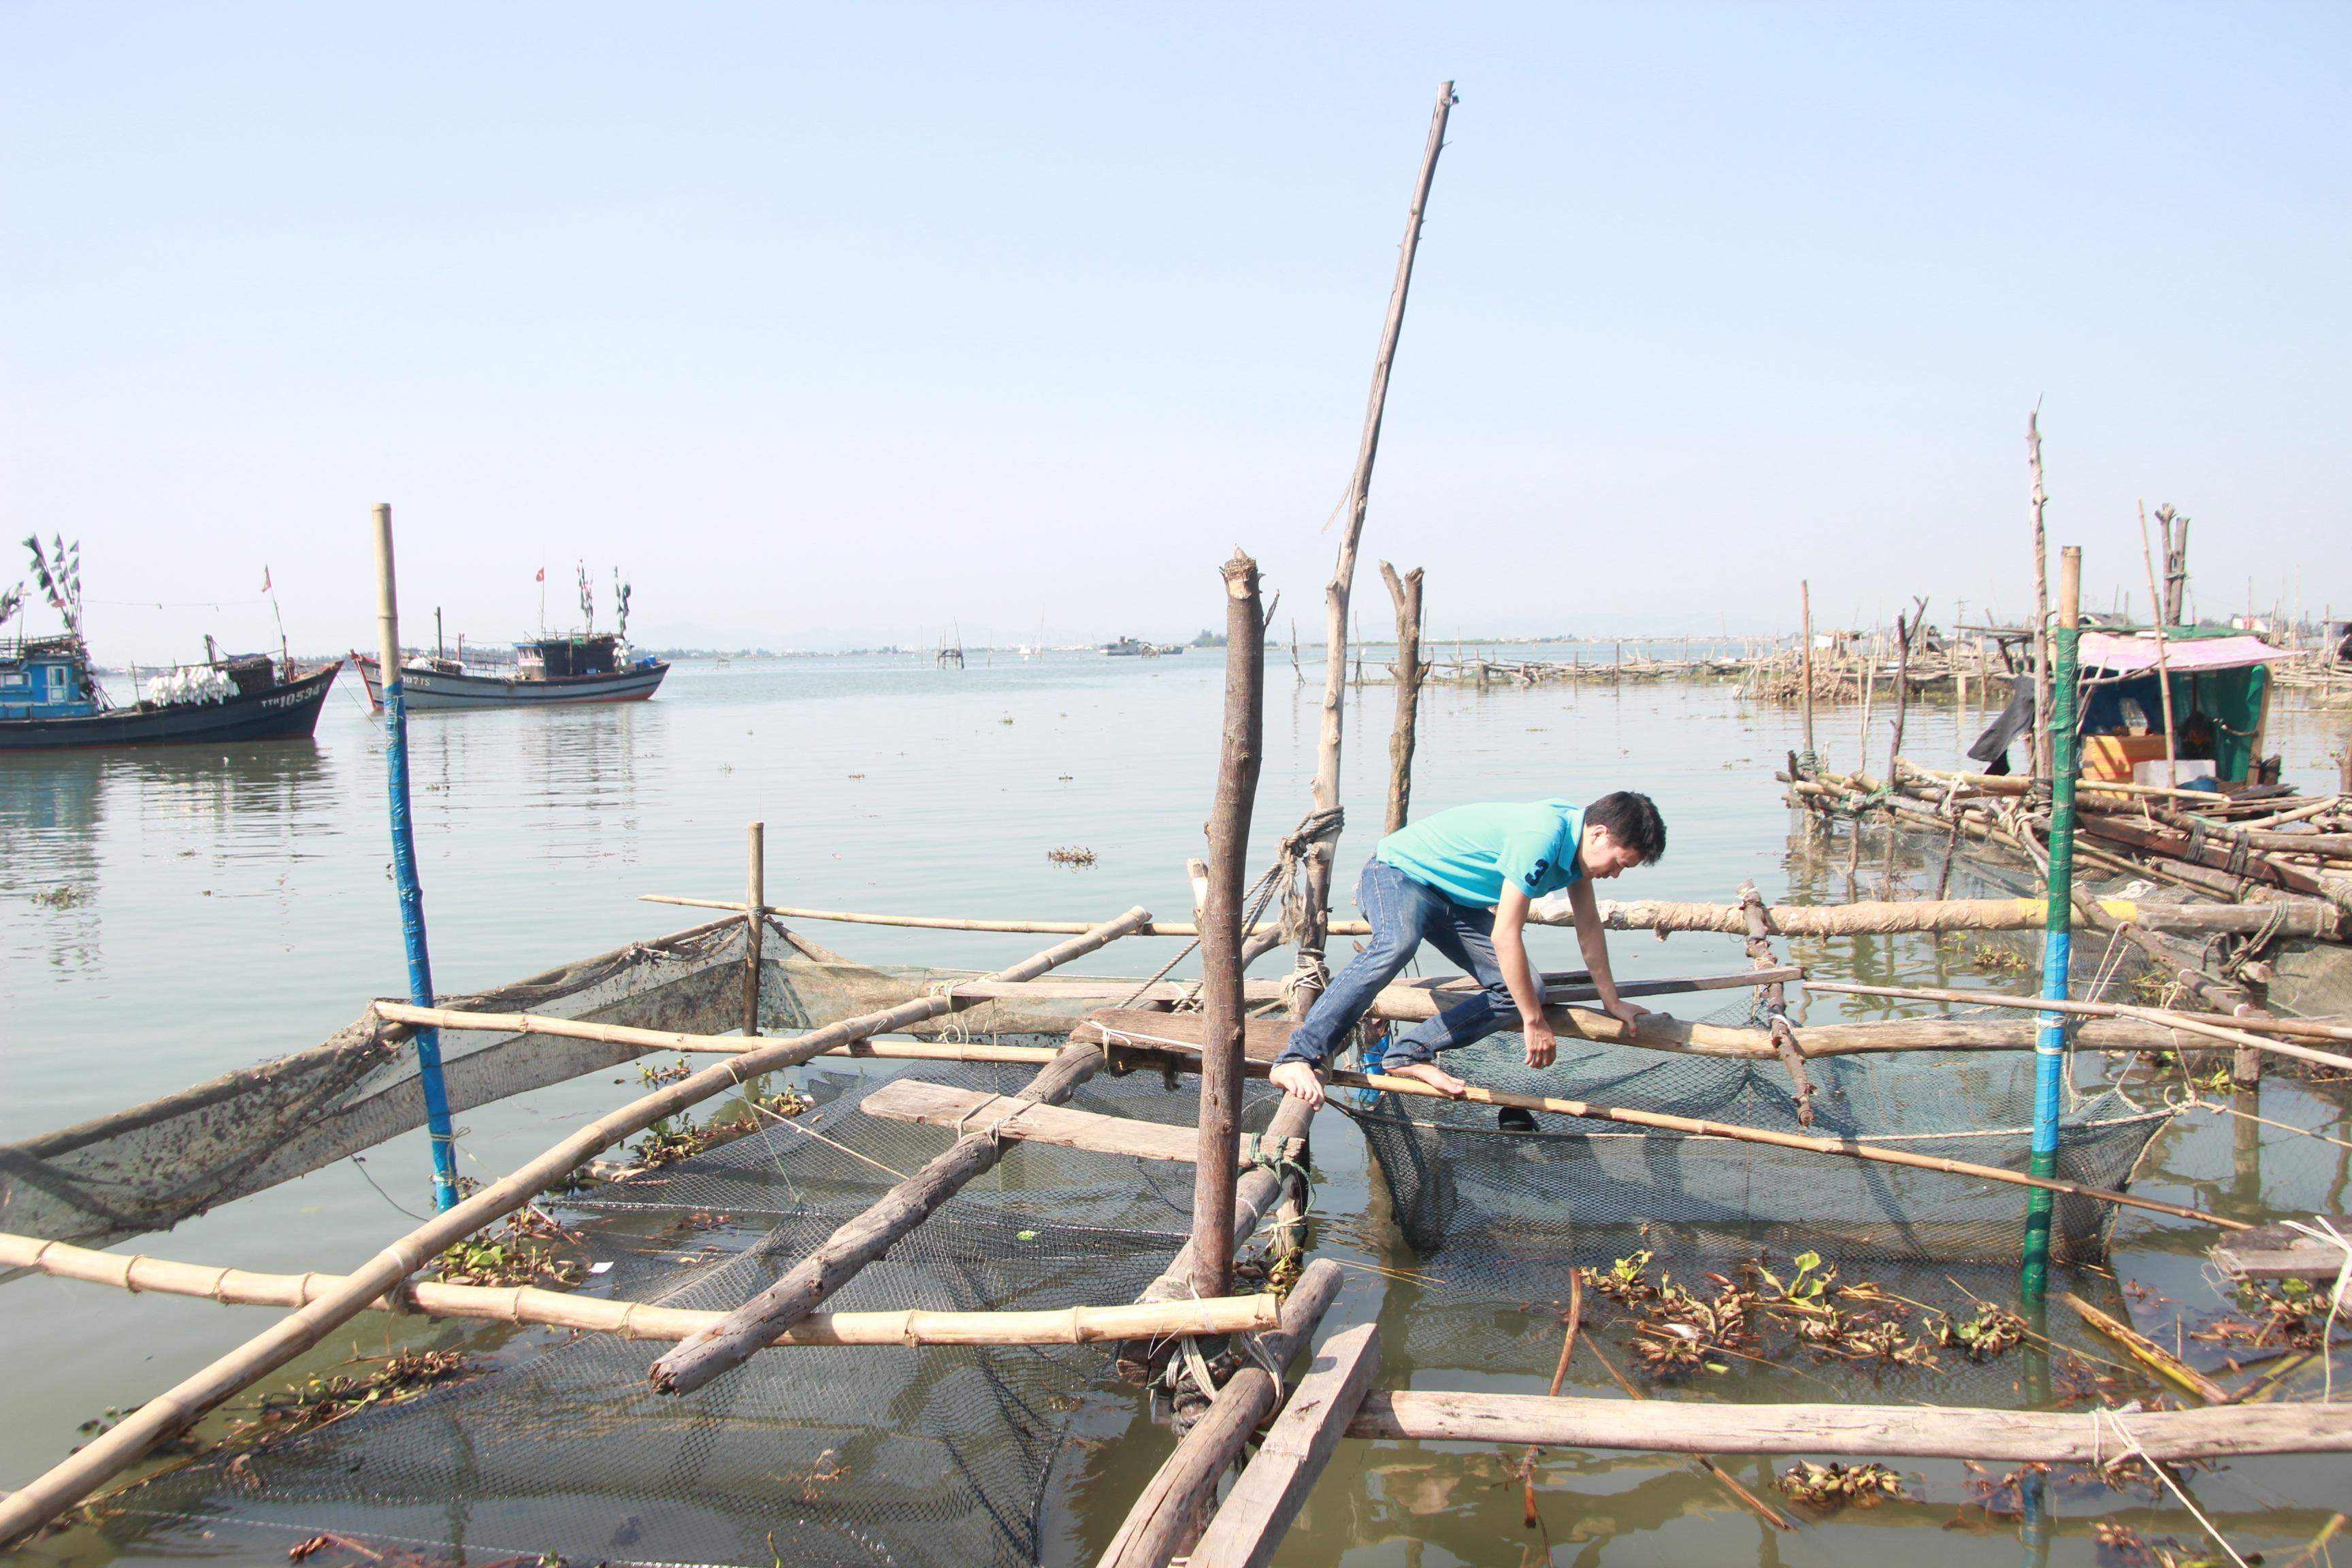 Hệ đầm phá tại Huế có diện tích rộng nhất Đông Nam Á với hơn 23.000 hecta đã bị thiệt hại nhiệu sau sự cố Formosa